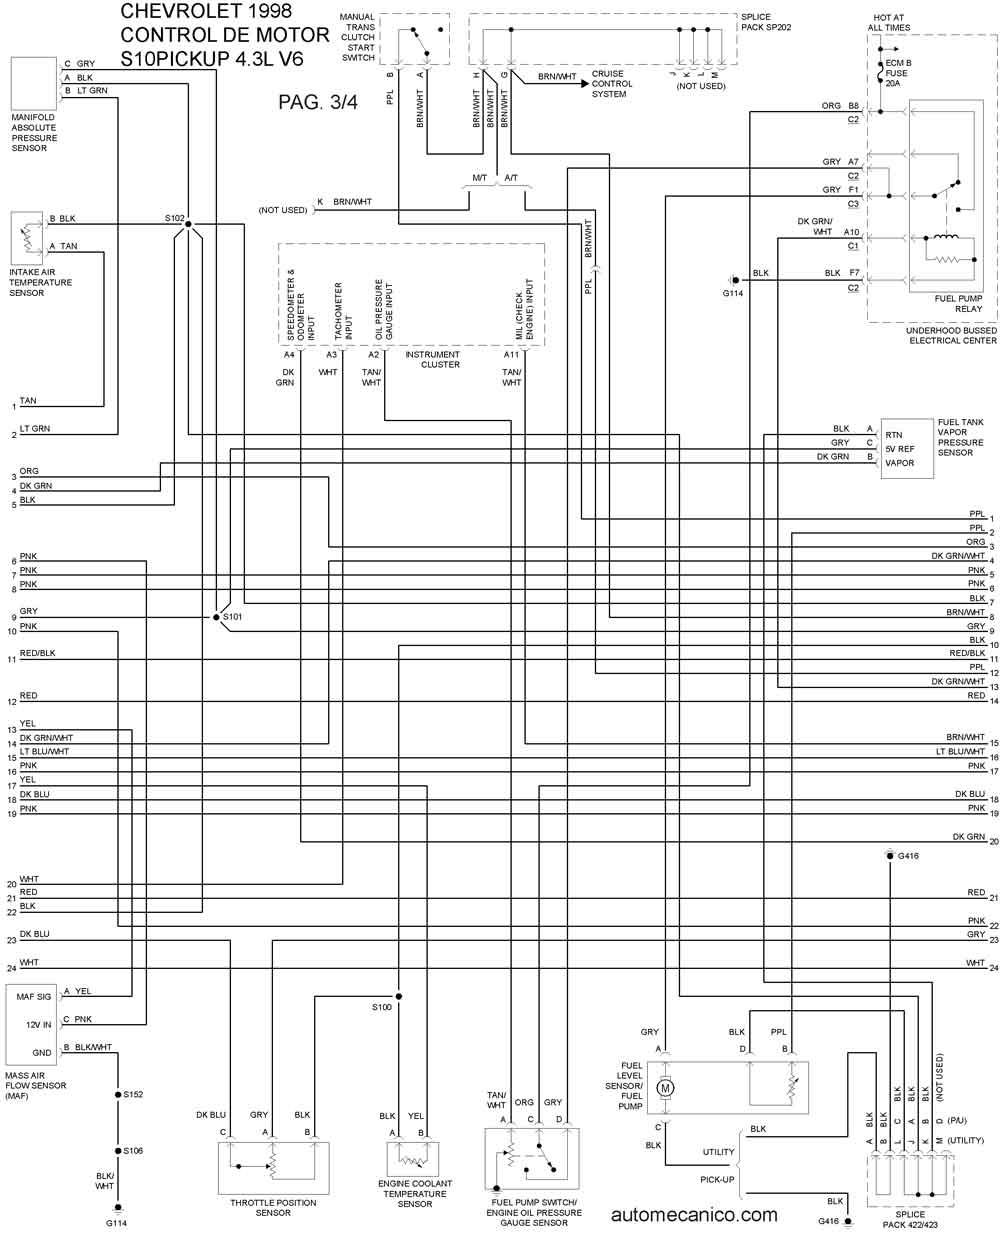 1978 chevrolet corvette diagrama de cableado